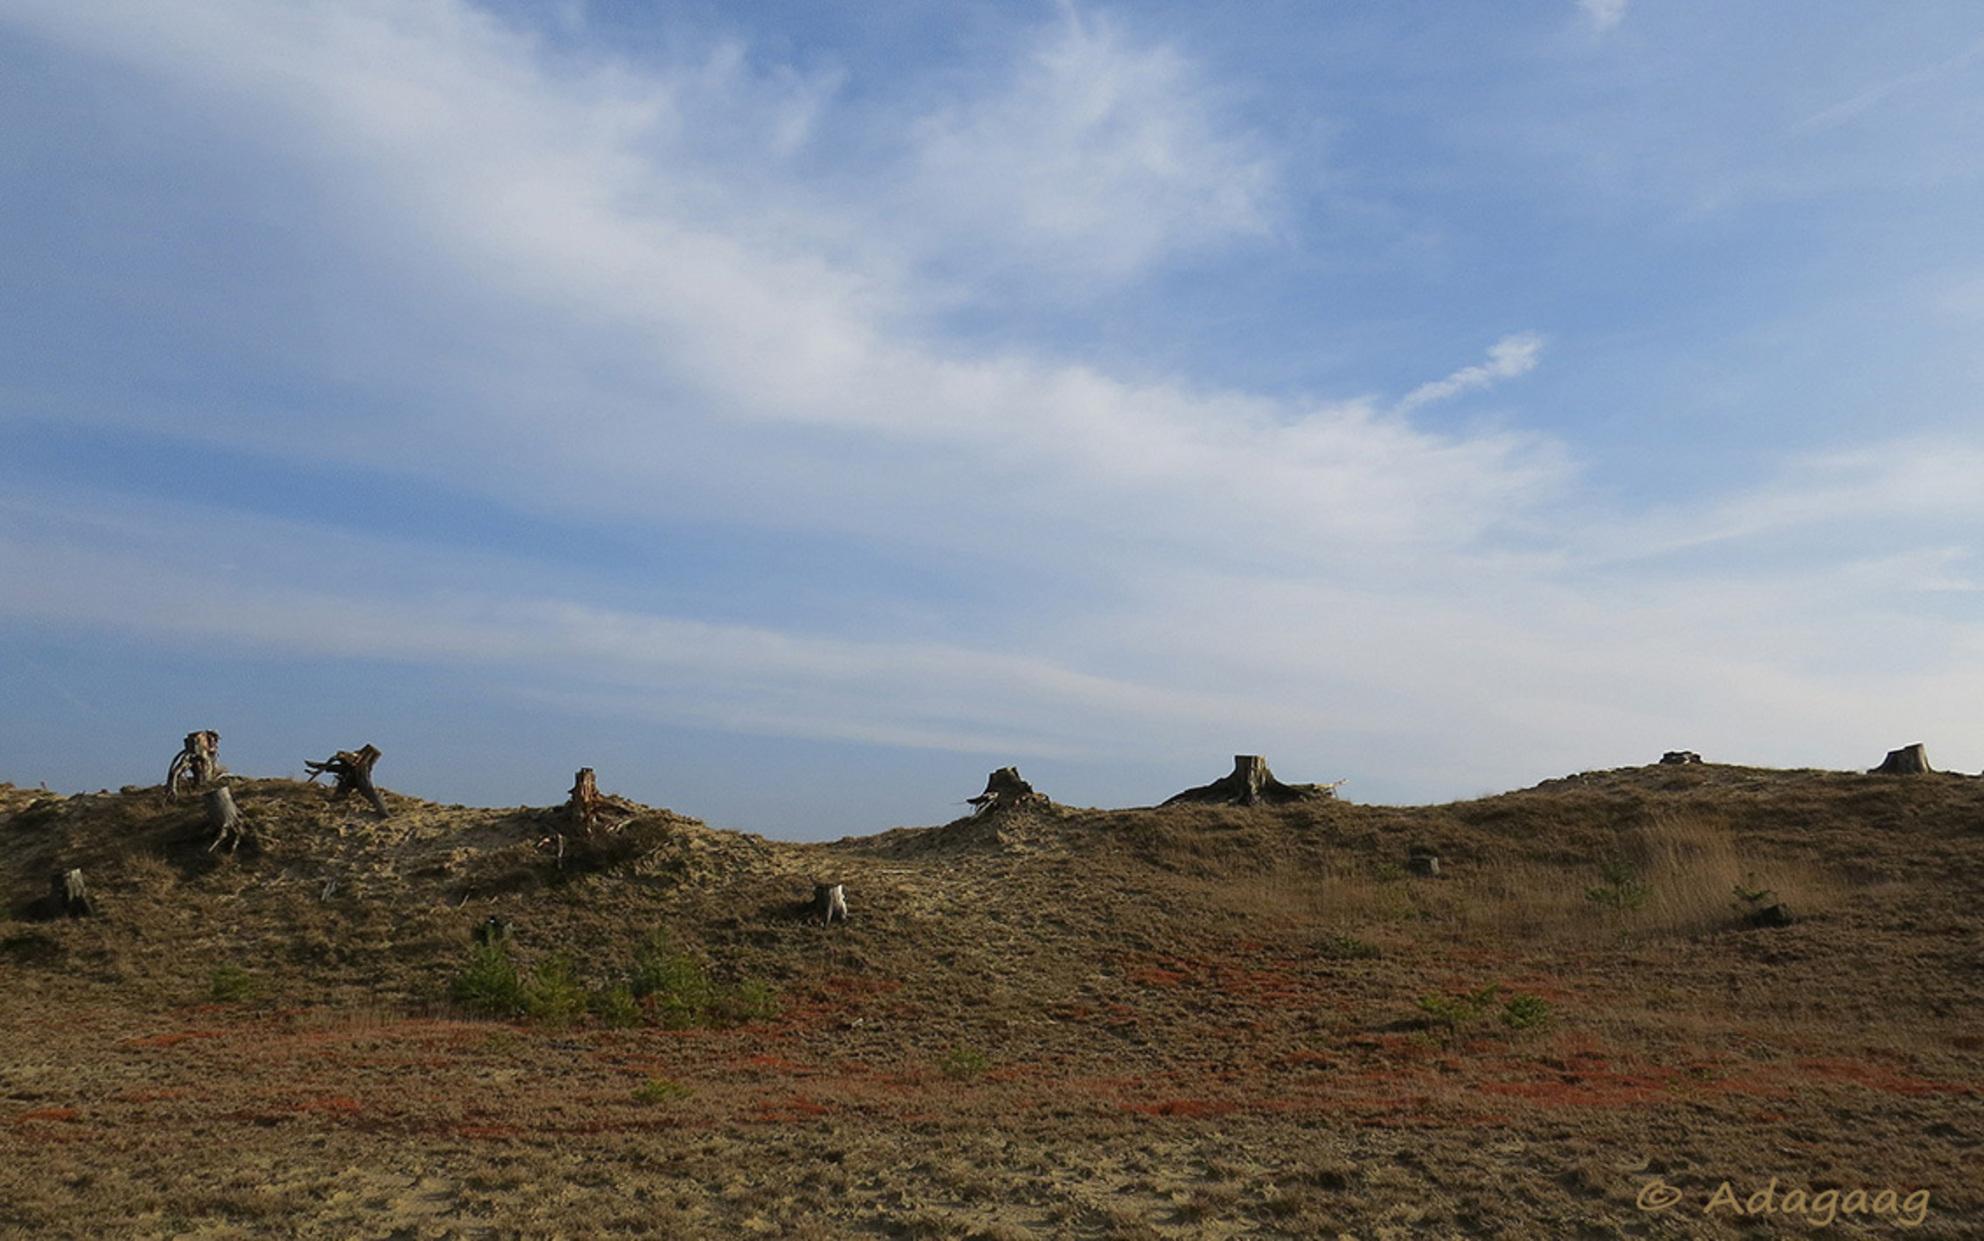 Kaal landschap - - - foto door adagaag op 11-03-2015 - deze foto bevat: natuur, mos, winter, landschap, heide, duinen, bomen, zand, boomstronk